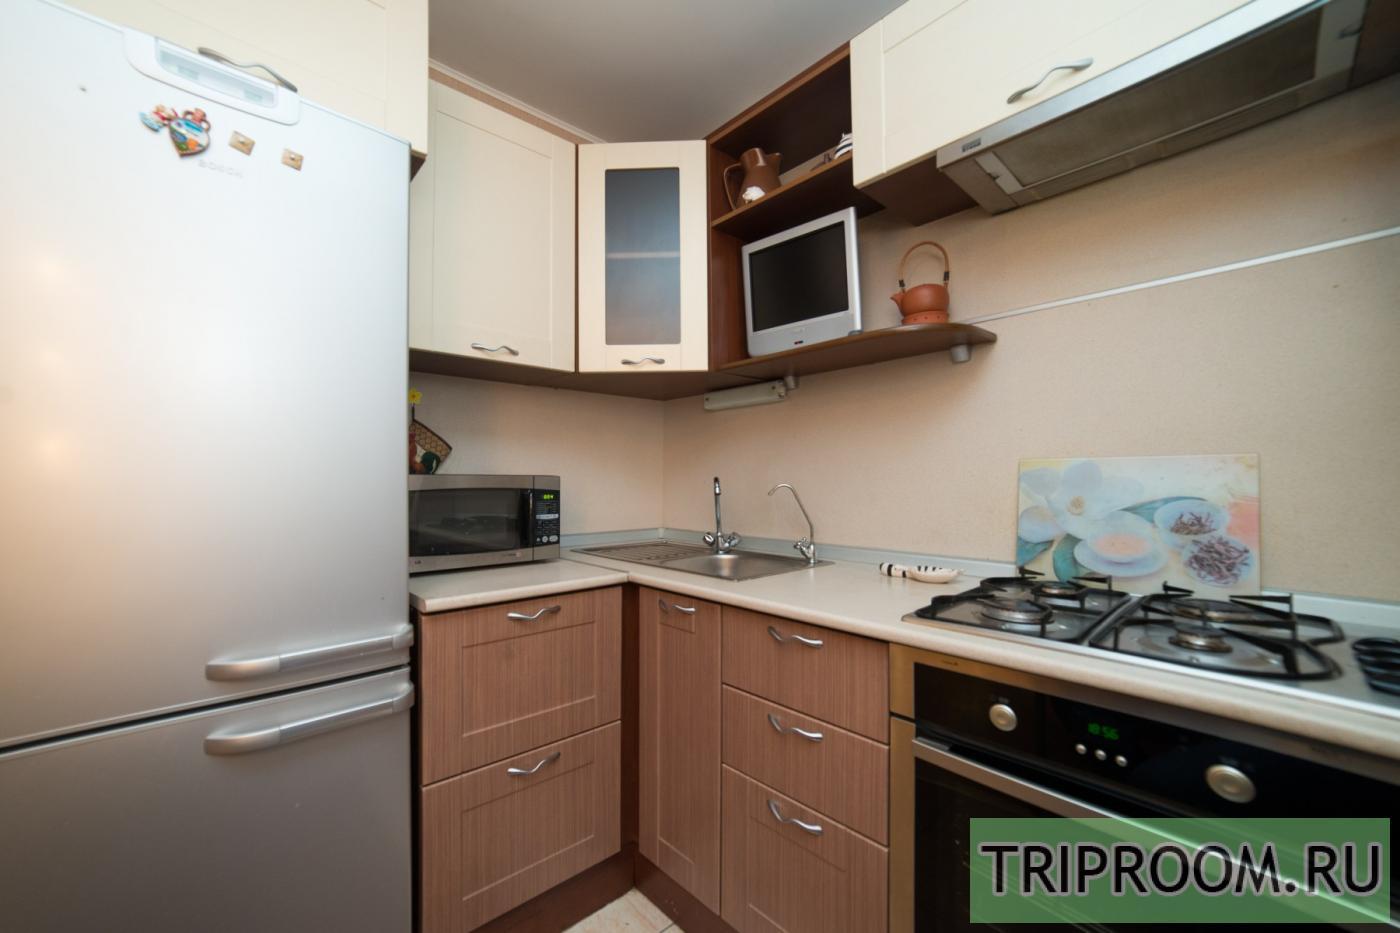 2-комнатная квартира посуточно (вариант № 27140), ул. Ленина улица, фото № 4